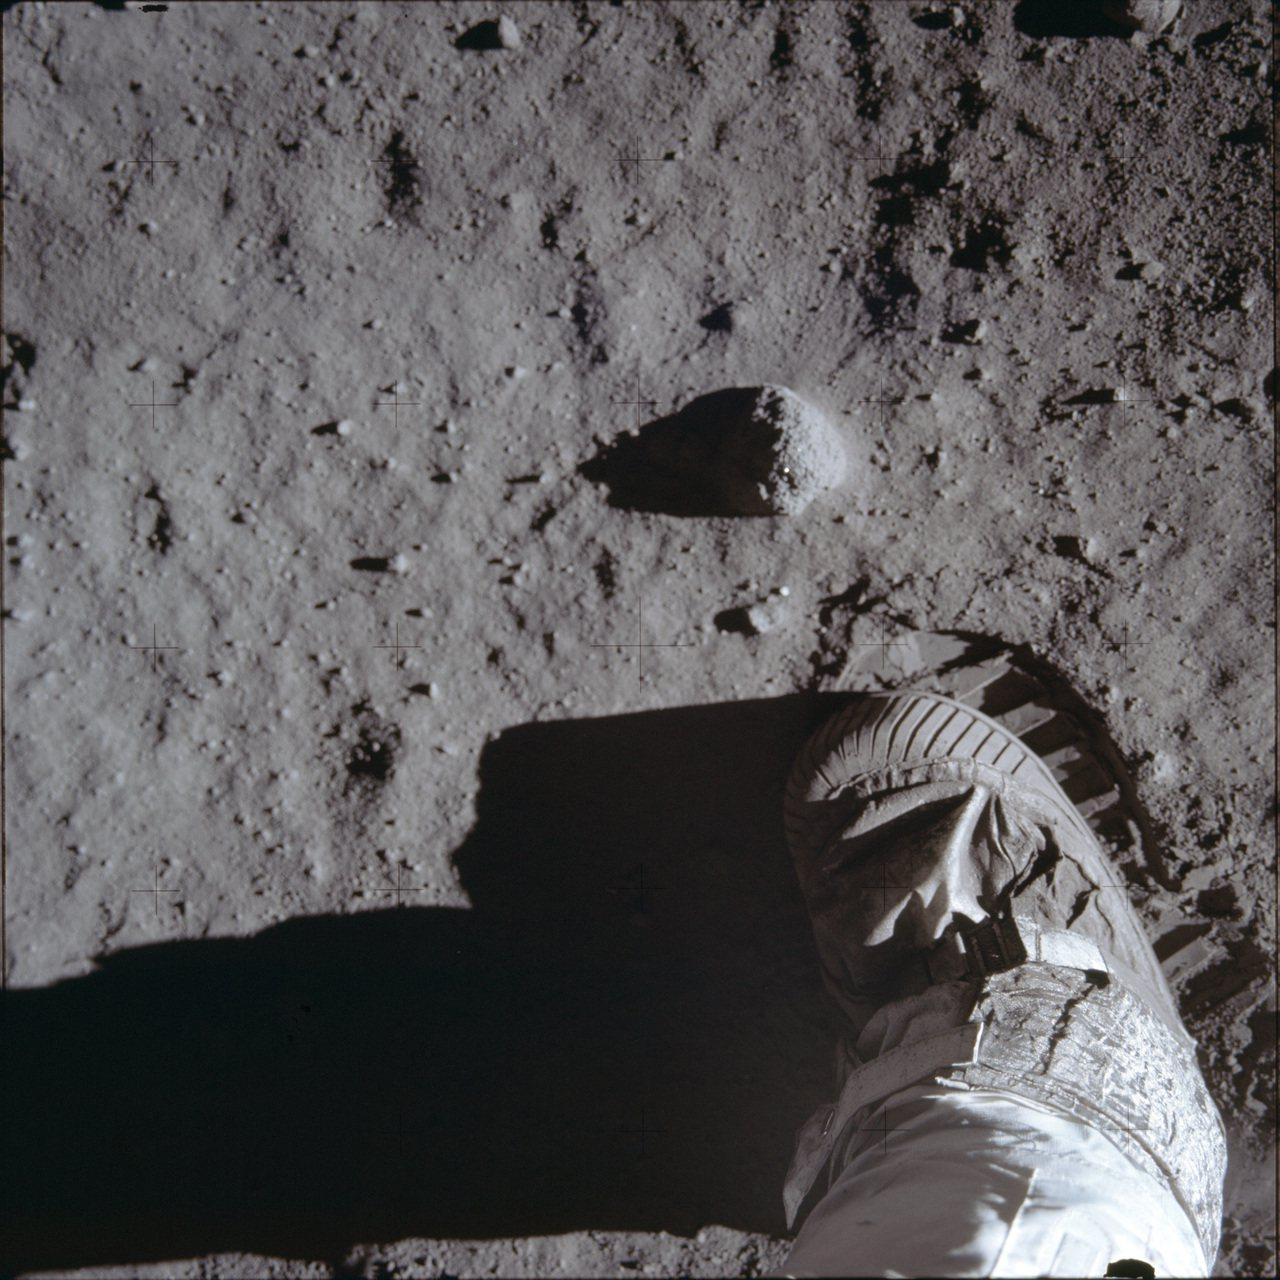 阿波羅11號「人類的一大步」登陸月球。 美聯社